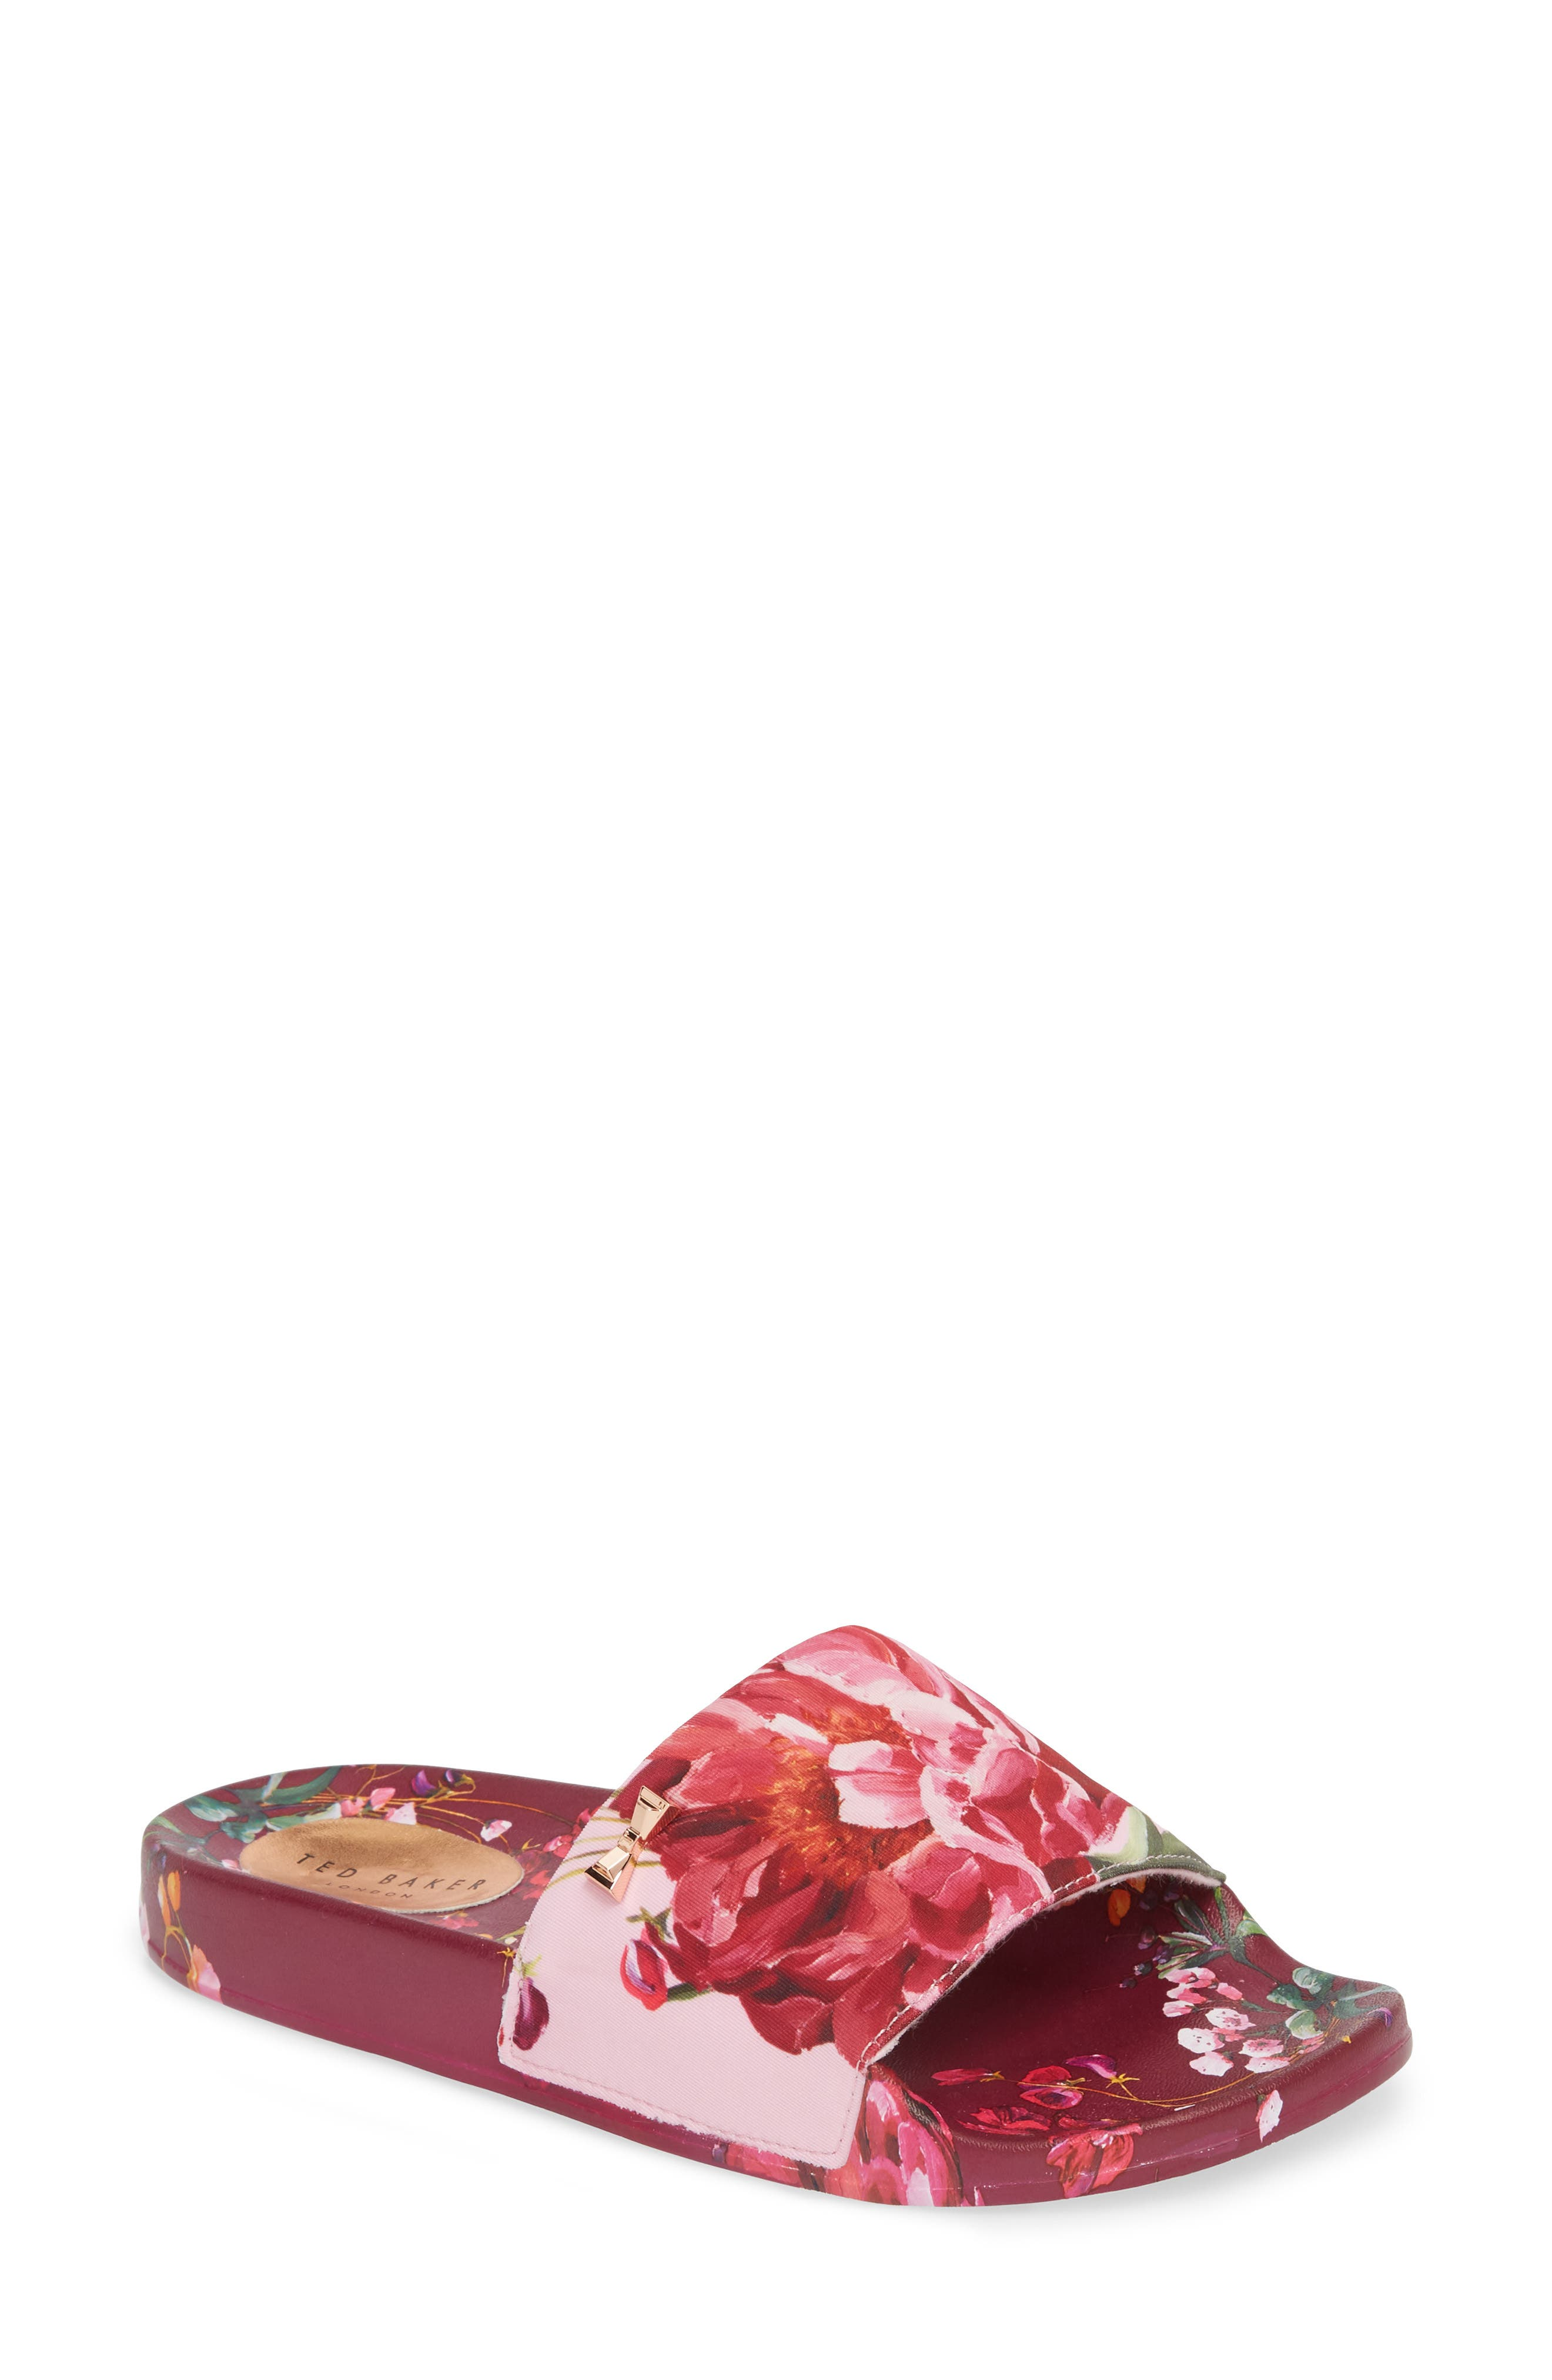 Ted Baker Women's Qarla Slide Sandal 8MsOTTr